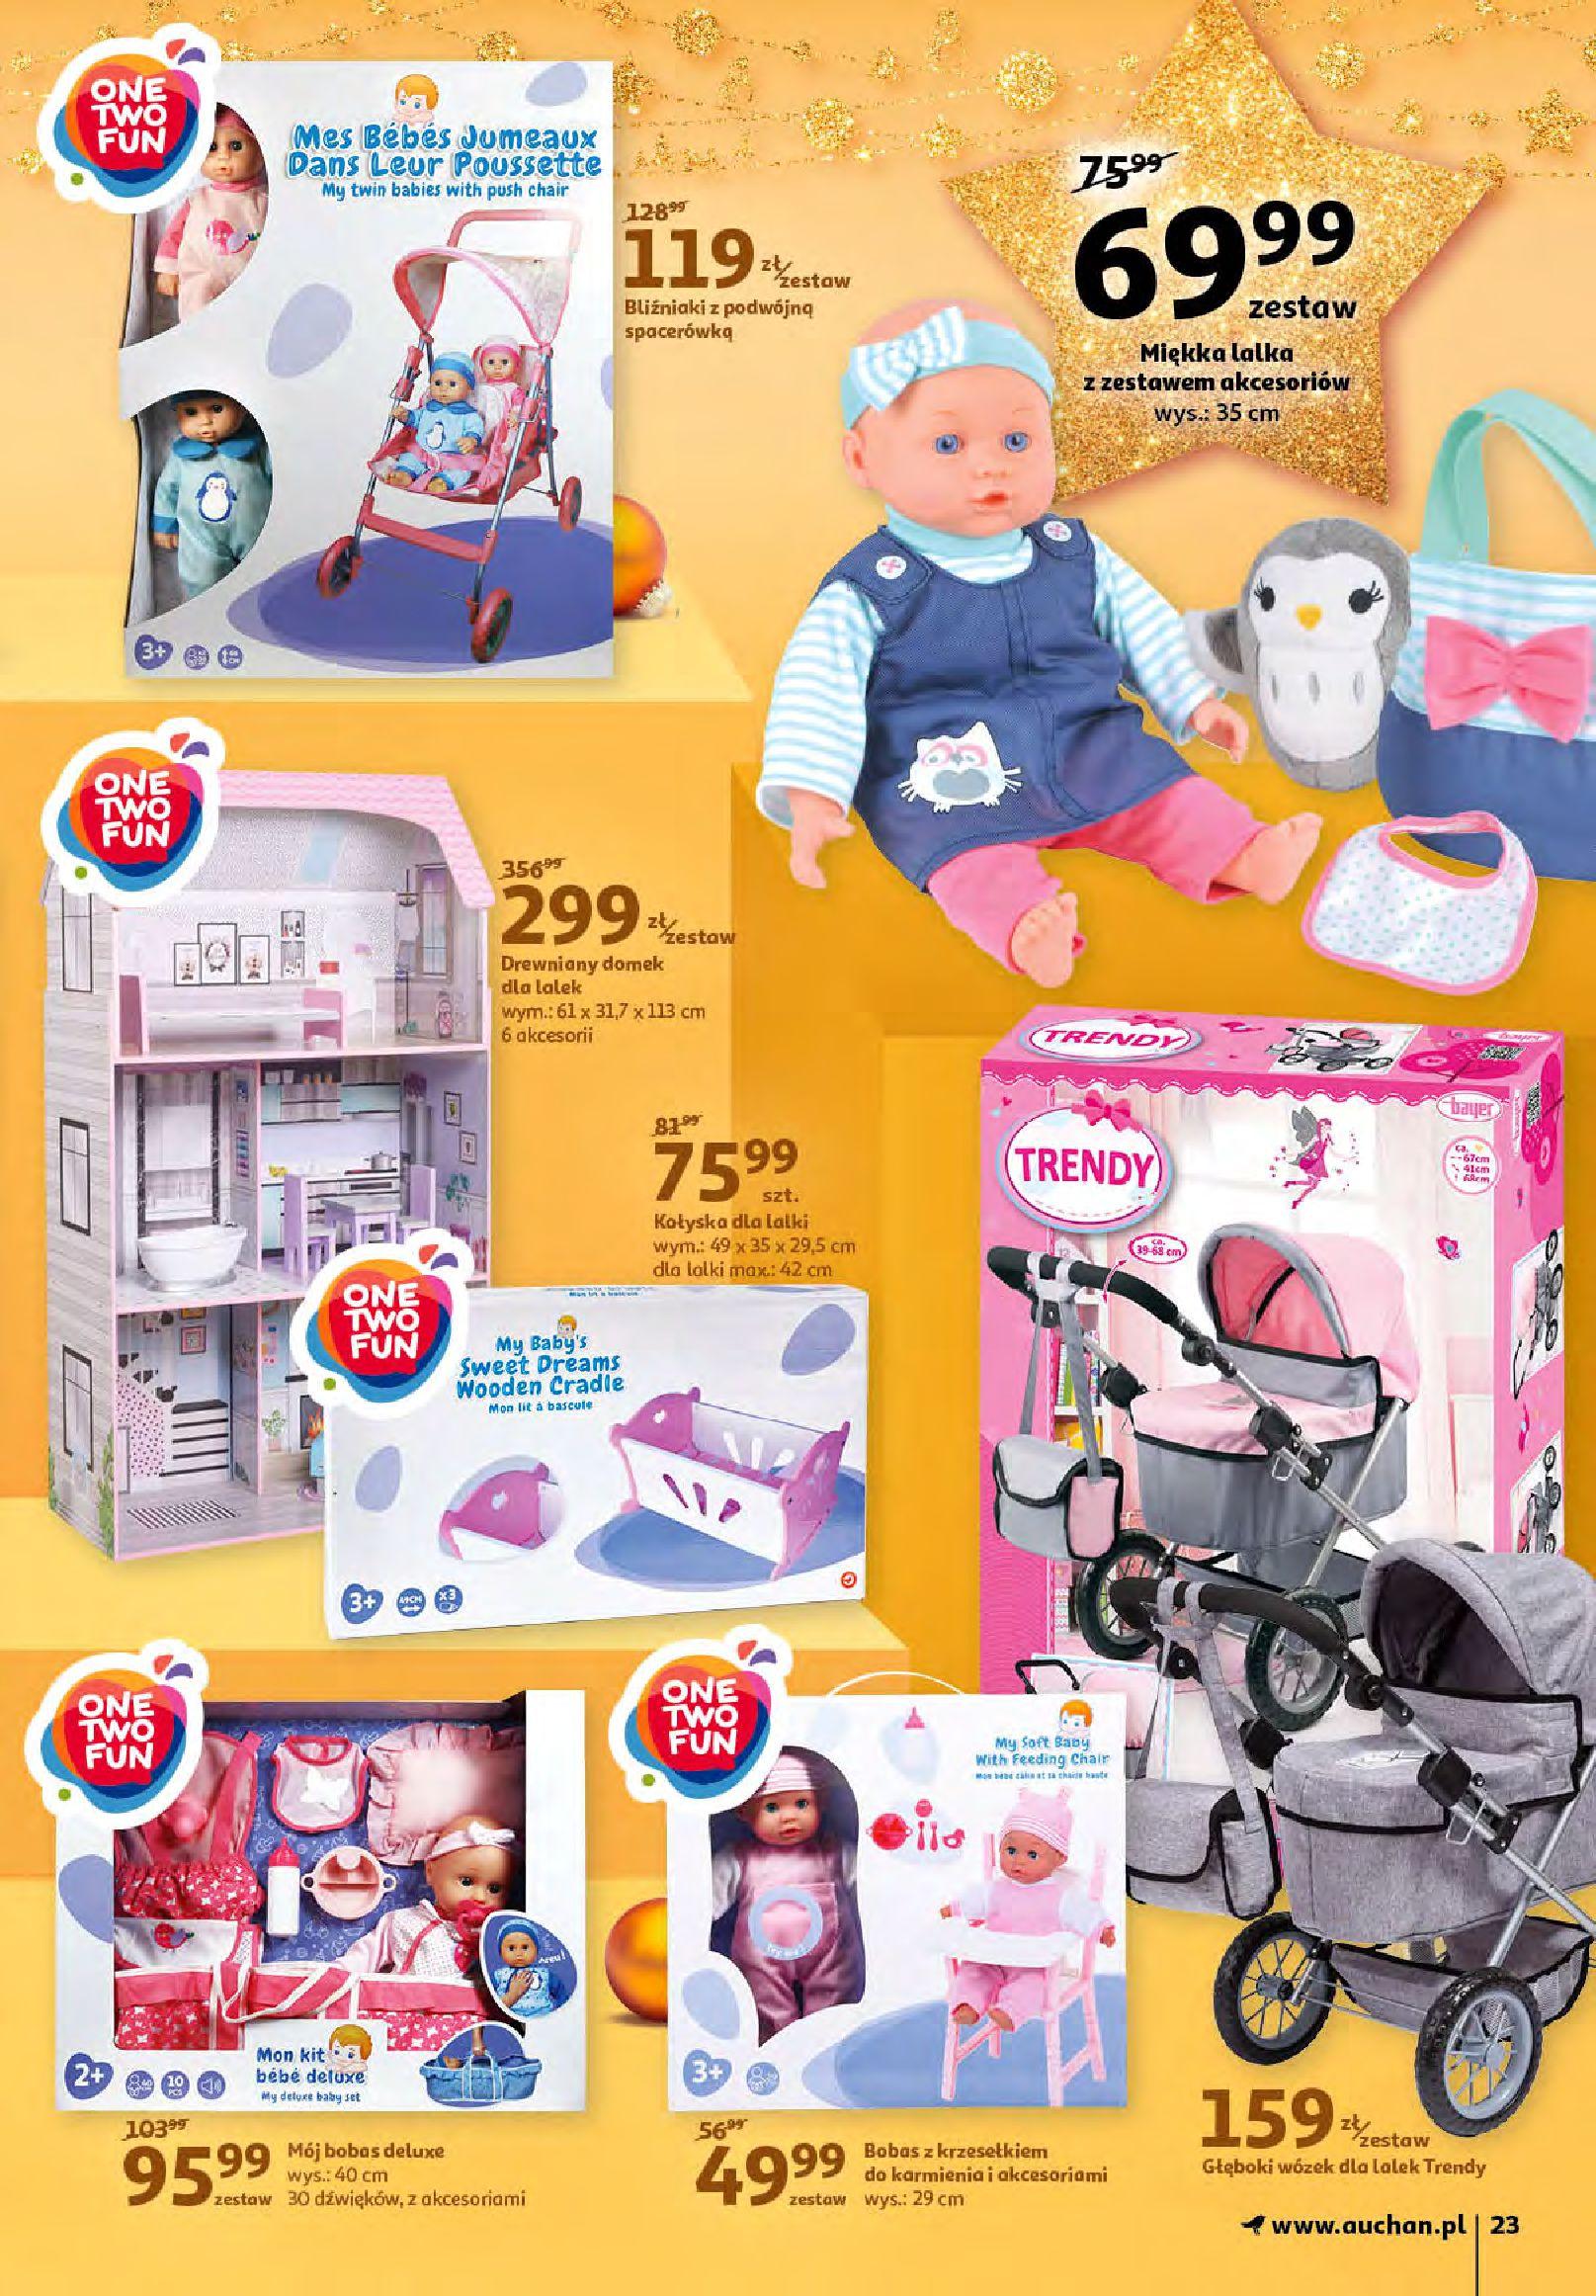 Gazetka Auchan - Magia zabawek i świątecznych ozdób-11.11.2020-25.11.2020-page-23